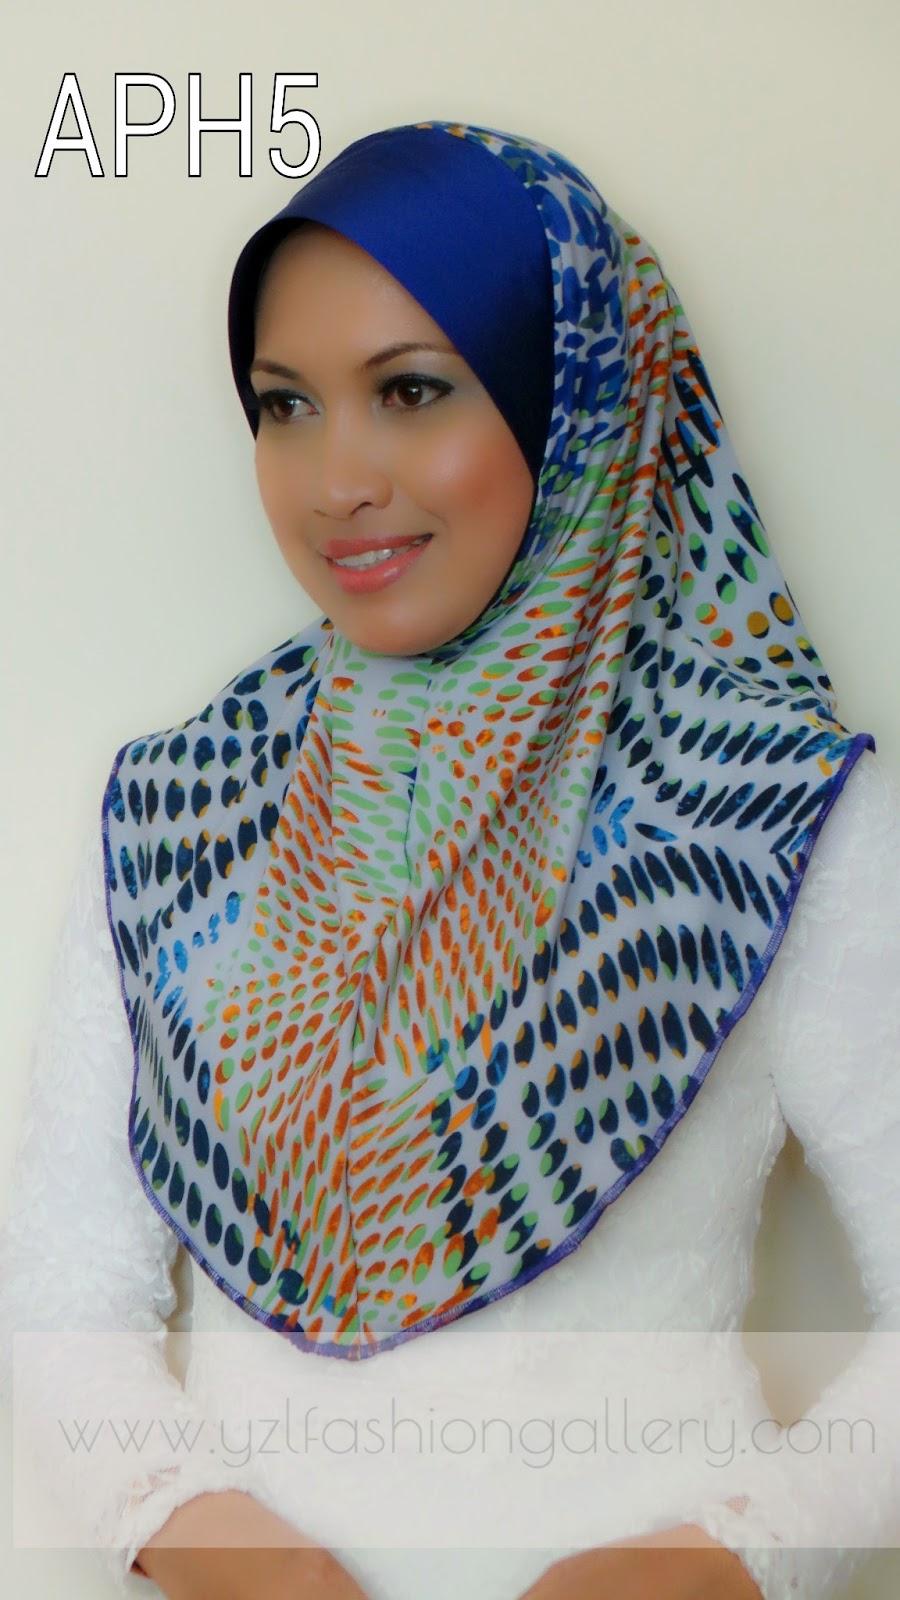 Yzl Fashion Gallery Tudung Lycra Printed Awning Thai Silk